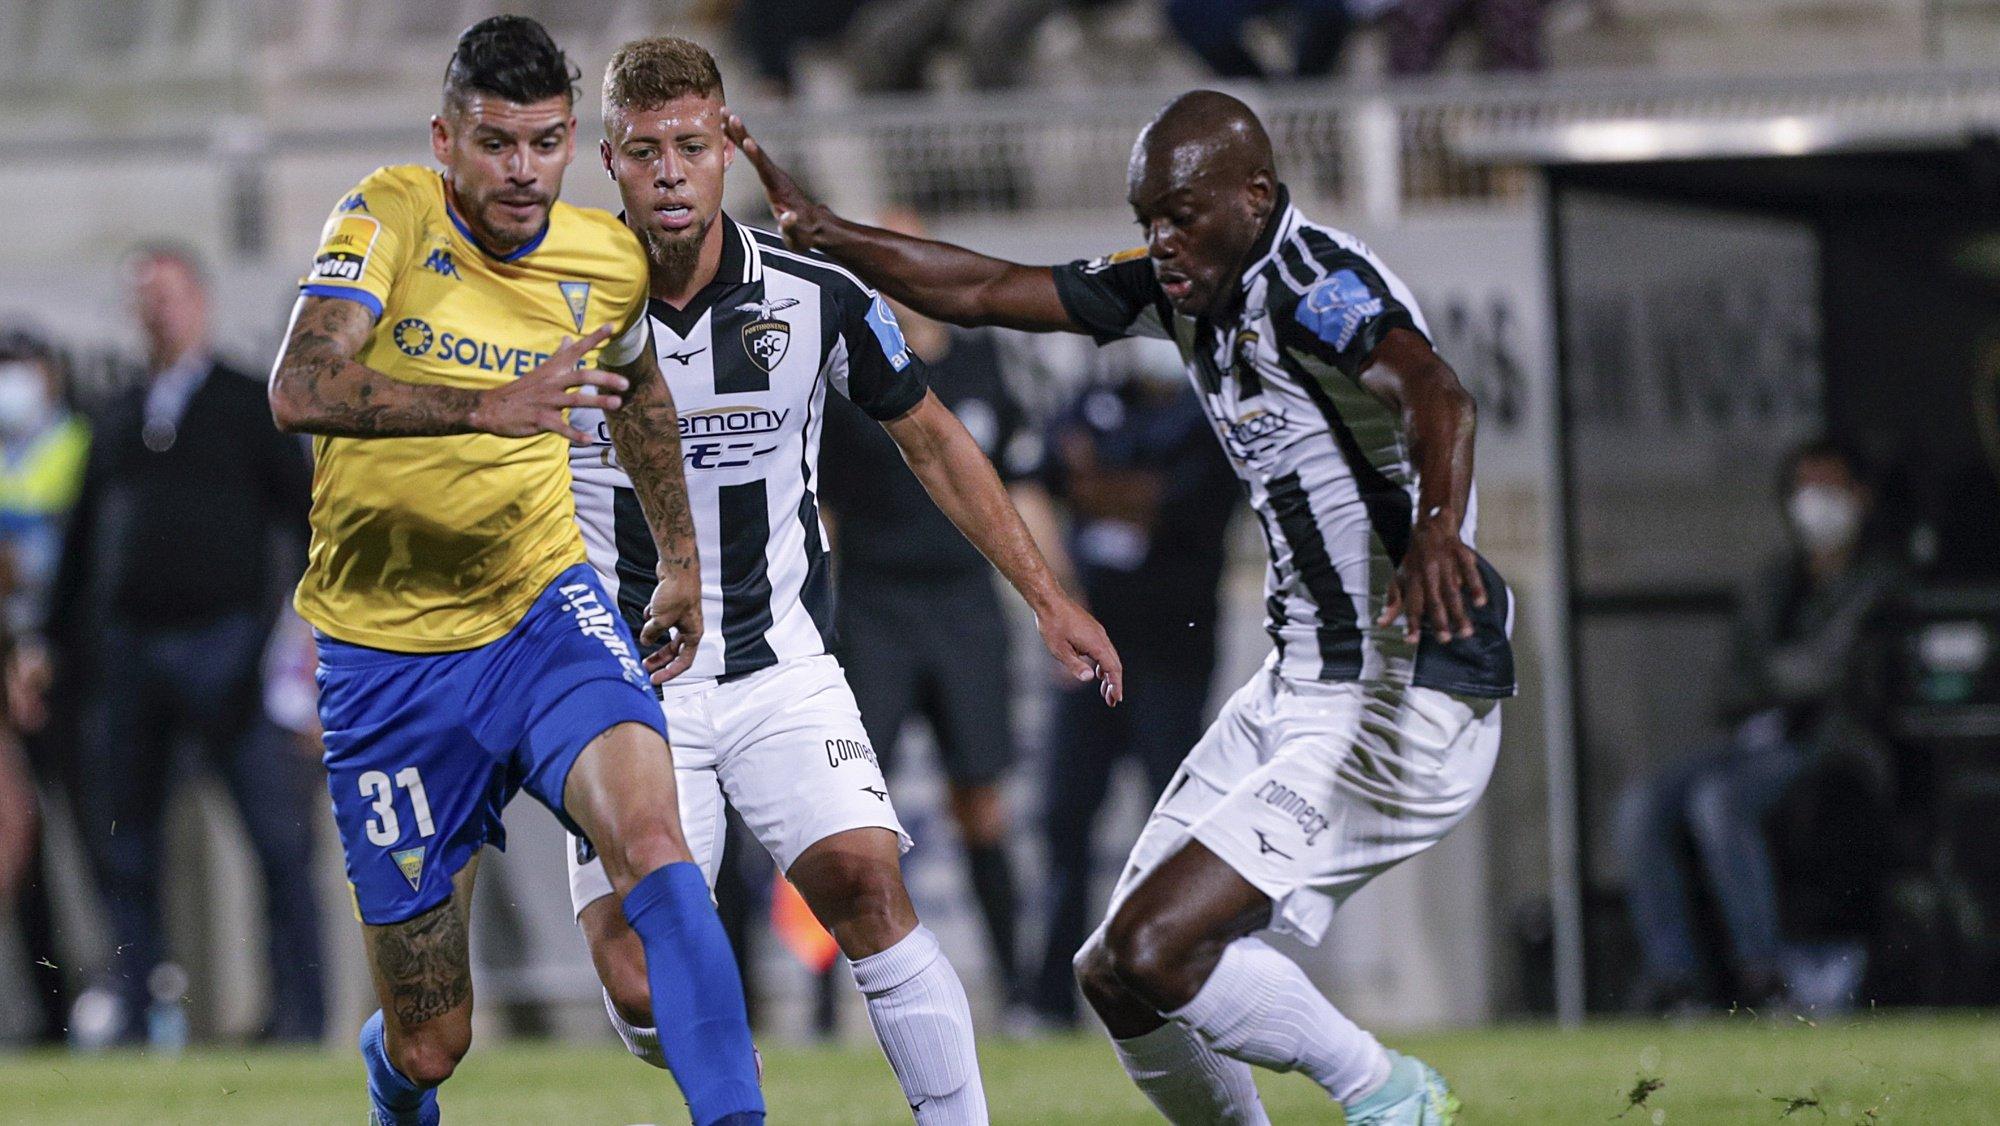 O jogador do Portimonense,  Lucas Fernandes (D), disputa a bola com o jogador do Estoril Praia, Joaozinho (E), durante o jogo da Primeira Liga de futebol disputado no Estádio do Portimonense, Portimão,24 de outubro de 2021. LUÍS FORRA/LUSA